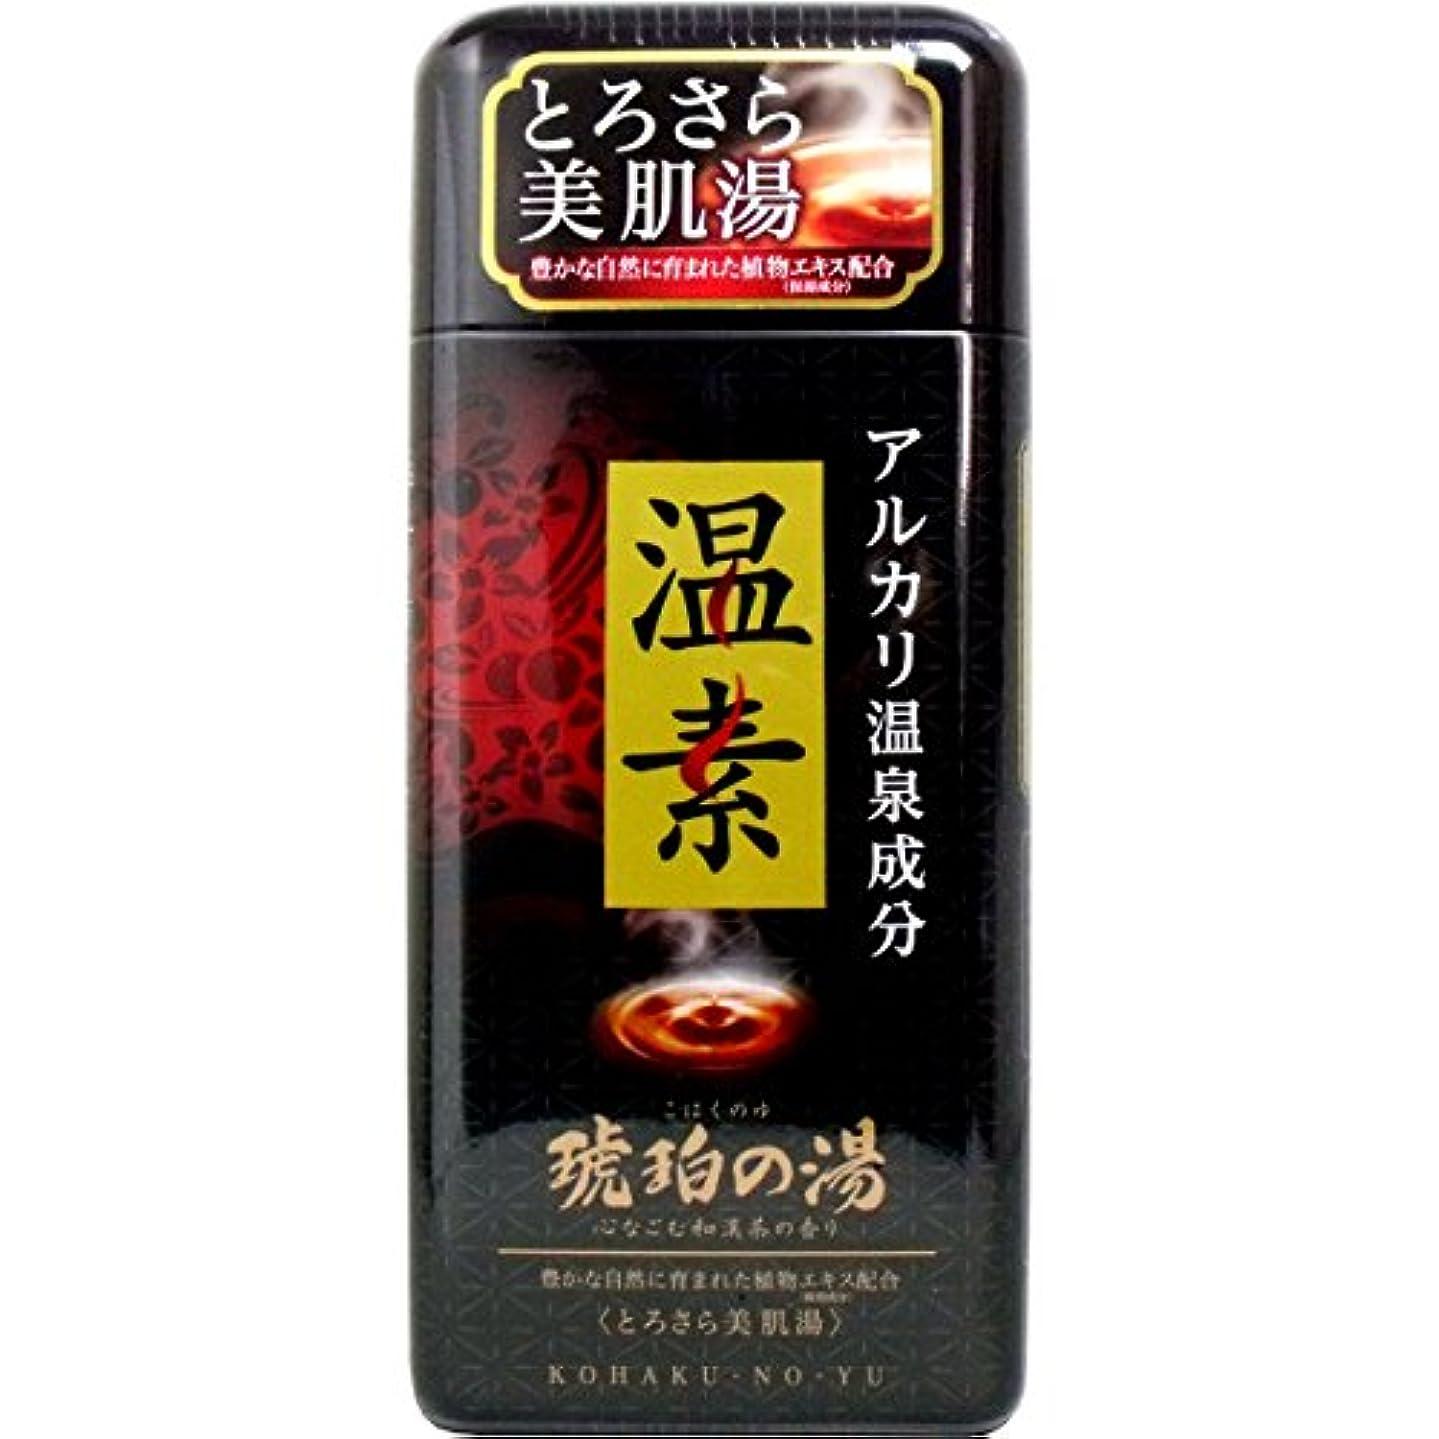 温素 琥珀の湯 × 10個セット